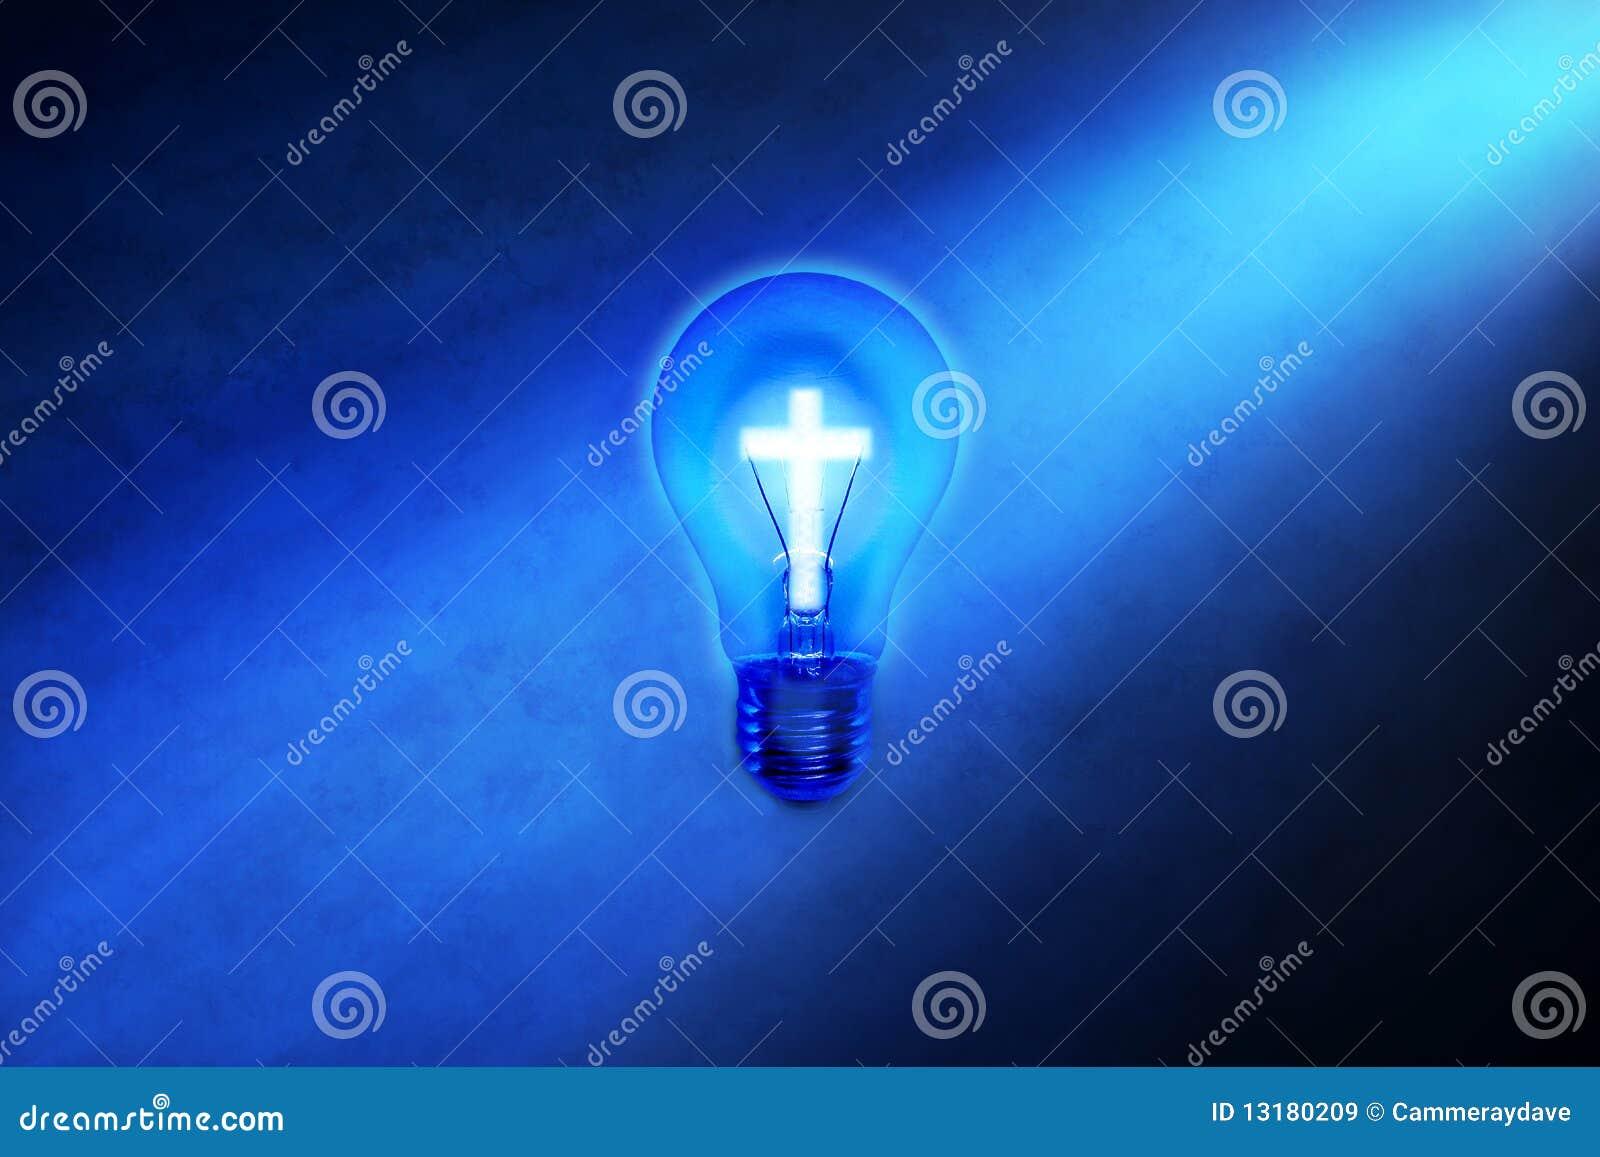 Religion Cross Light Bulb Stock Illustration Image Of